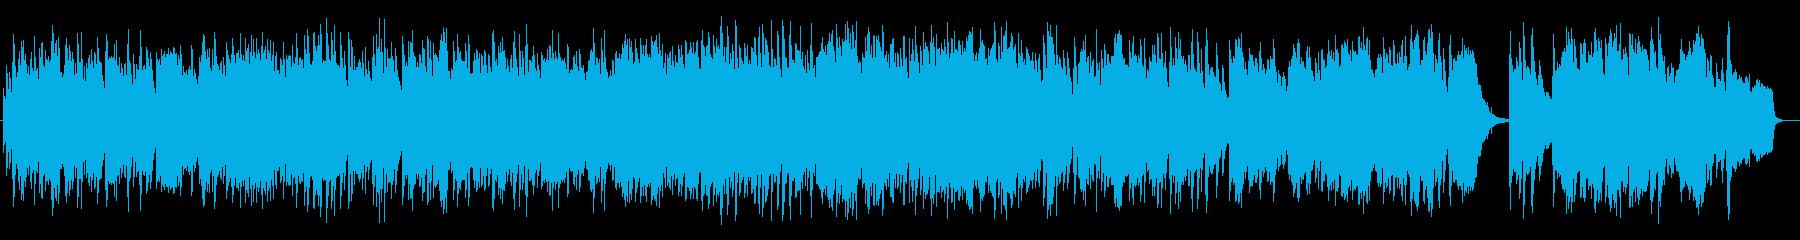 ピアノソロバラードの再生済みの波形